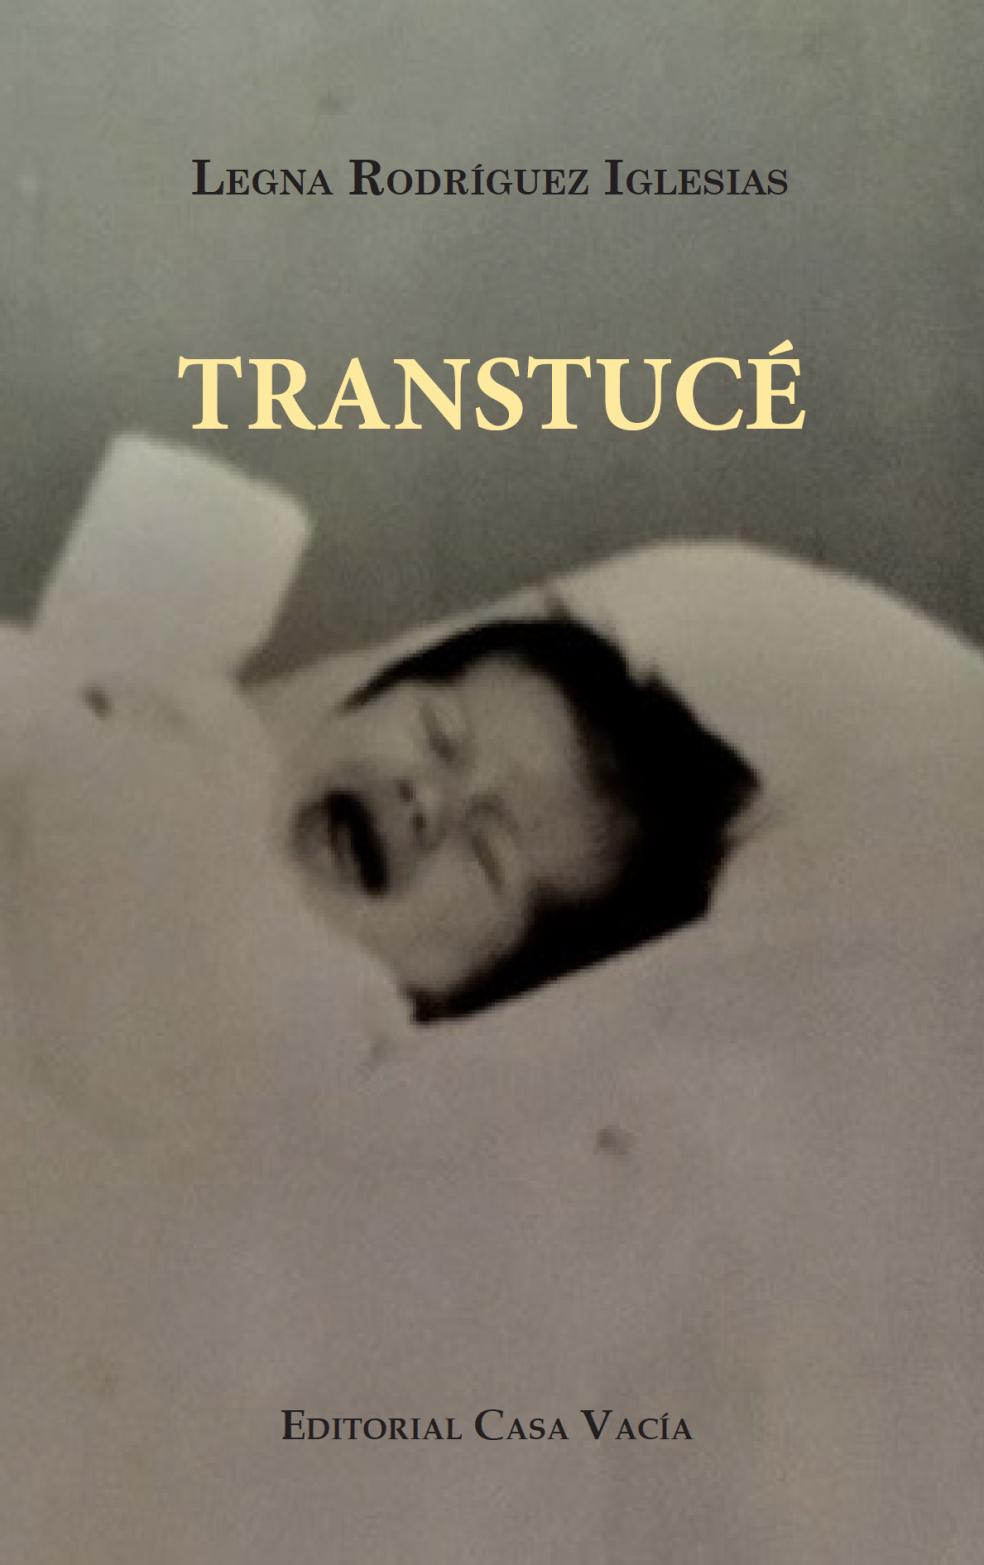 Transtuce?